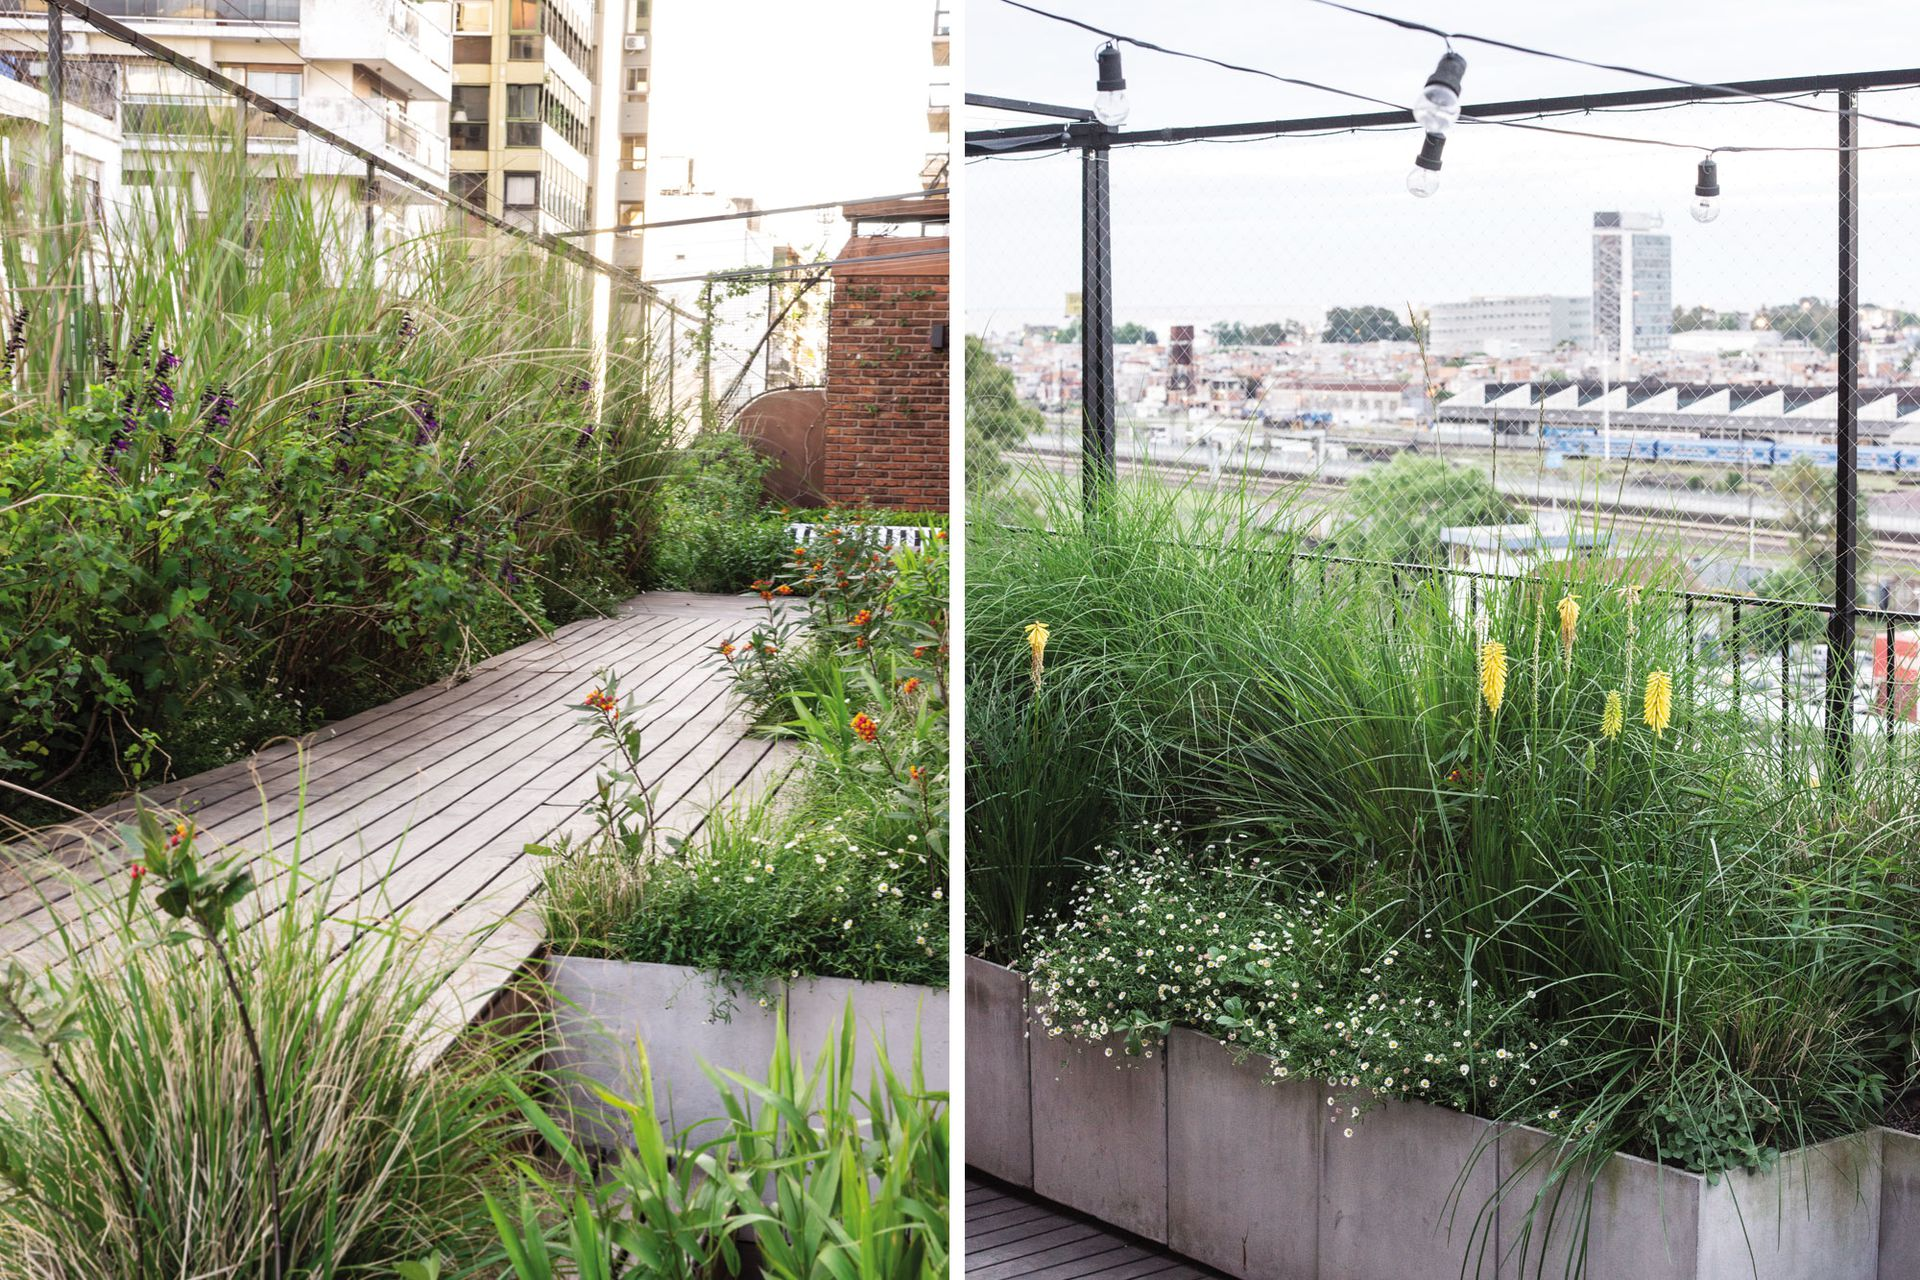 Un deck de lapacho y macetas contenedoras fueron dos de las incorporaciones que marcaron una diferencia en la reforma de la terraza.